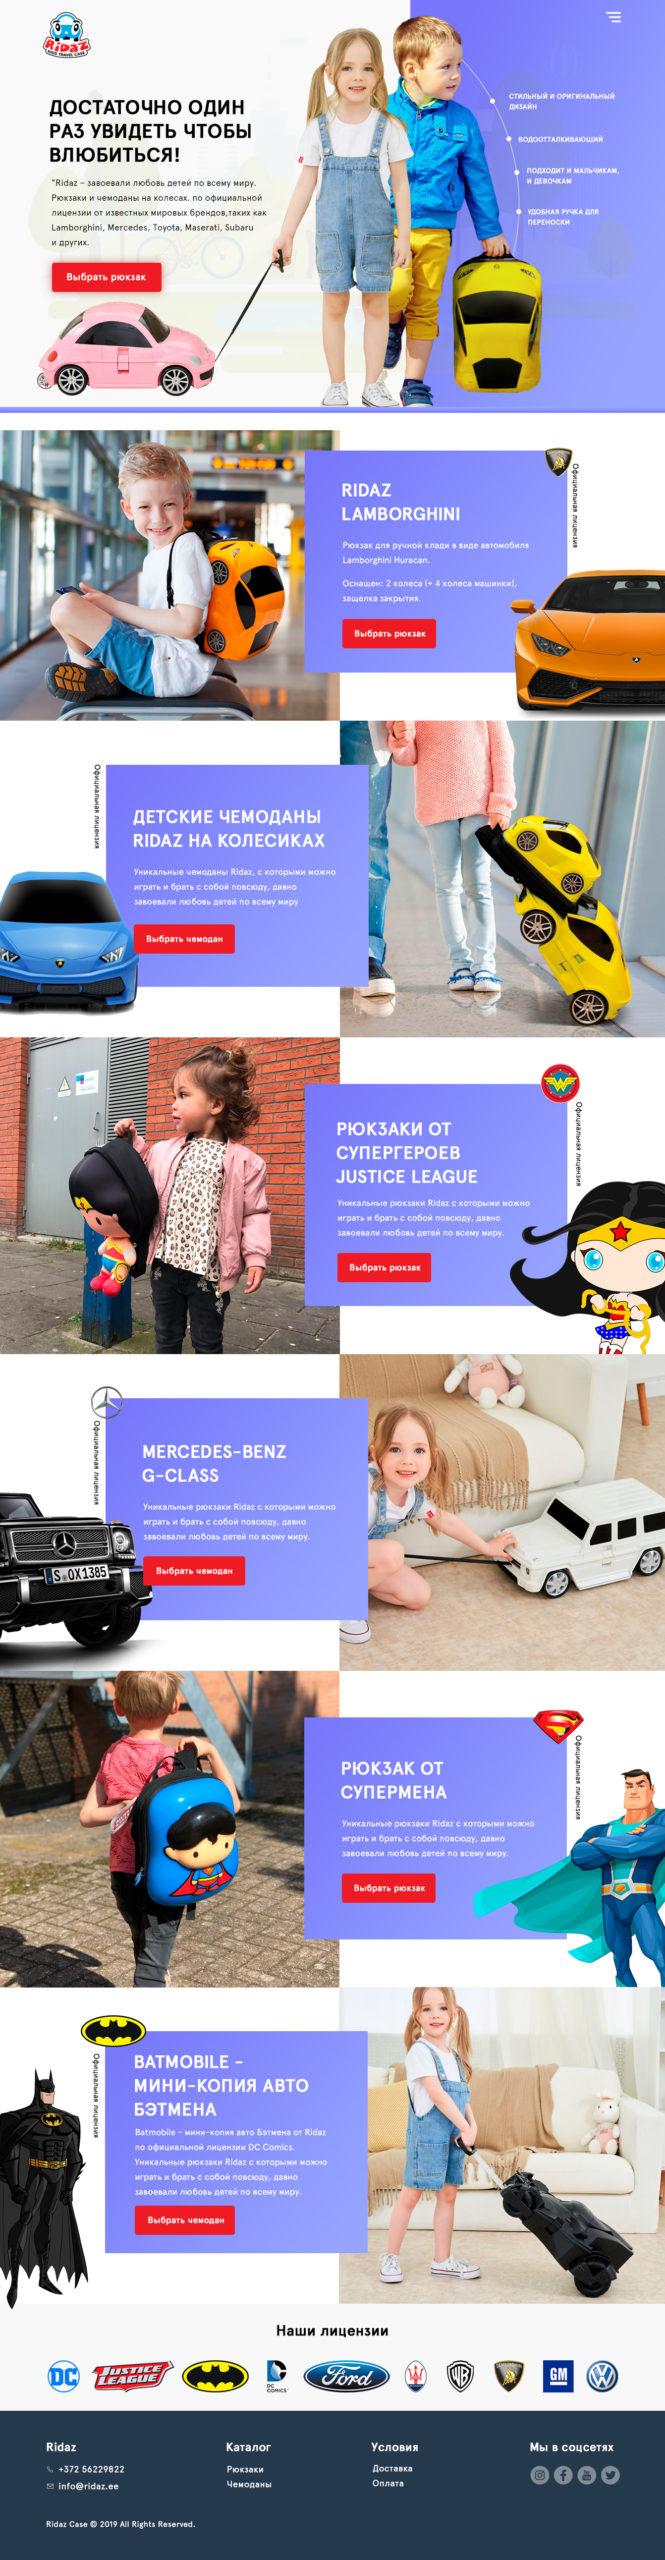 Дизайн сайта - RIDAZ